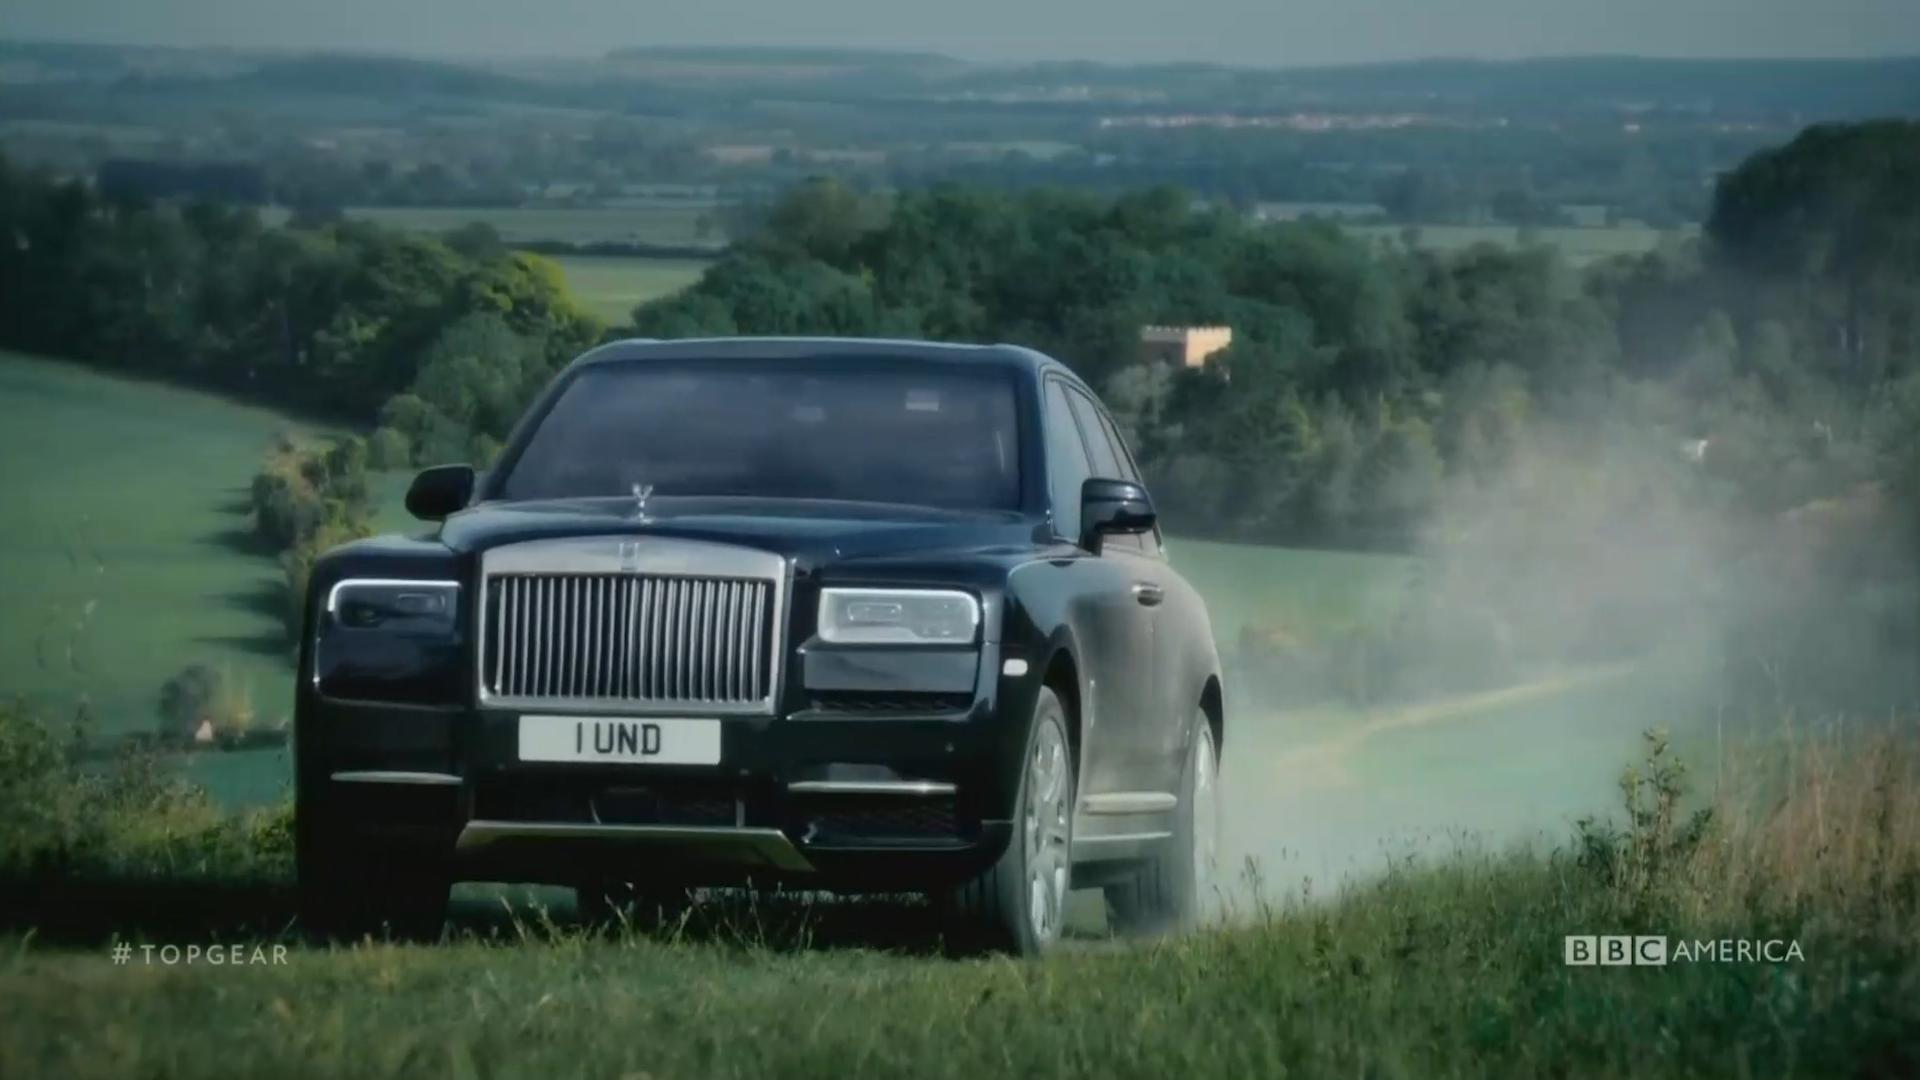 'Top Gear' host Chris Harris slams Rolls-Royce Cullinan: 'I'm ashamed to be in it'